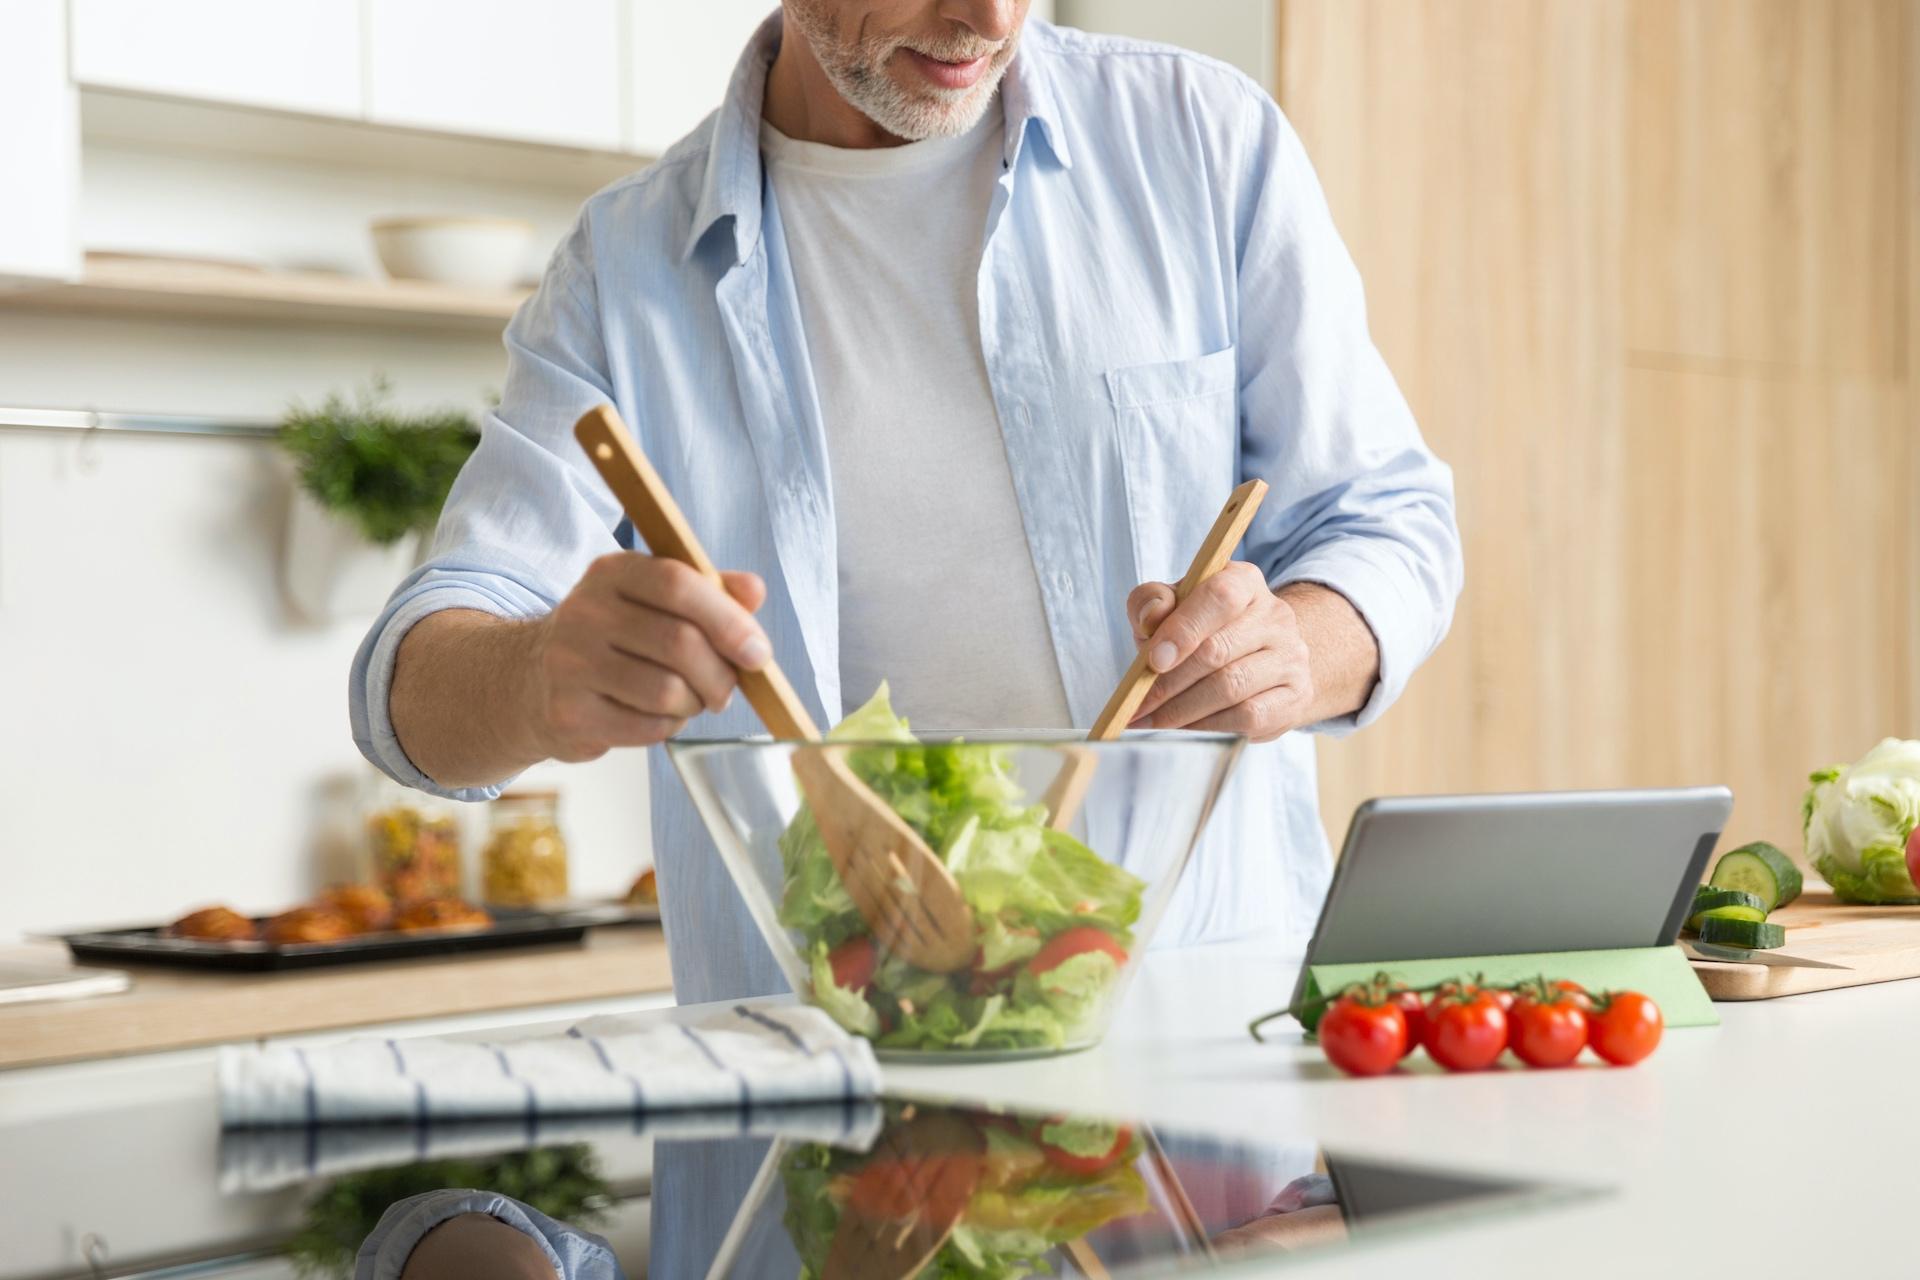 Pētījums: 41% Latvijas iedzīvotāju pandēmijas iespaidā ir mainījis savus ikdienas ēšanas paradumus un 59% dod priekšroku tieši vietējās izcelsmes produktiem